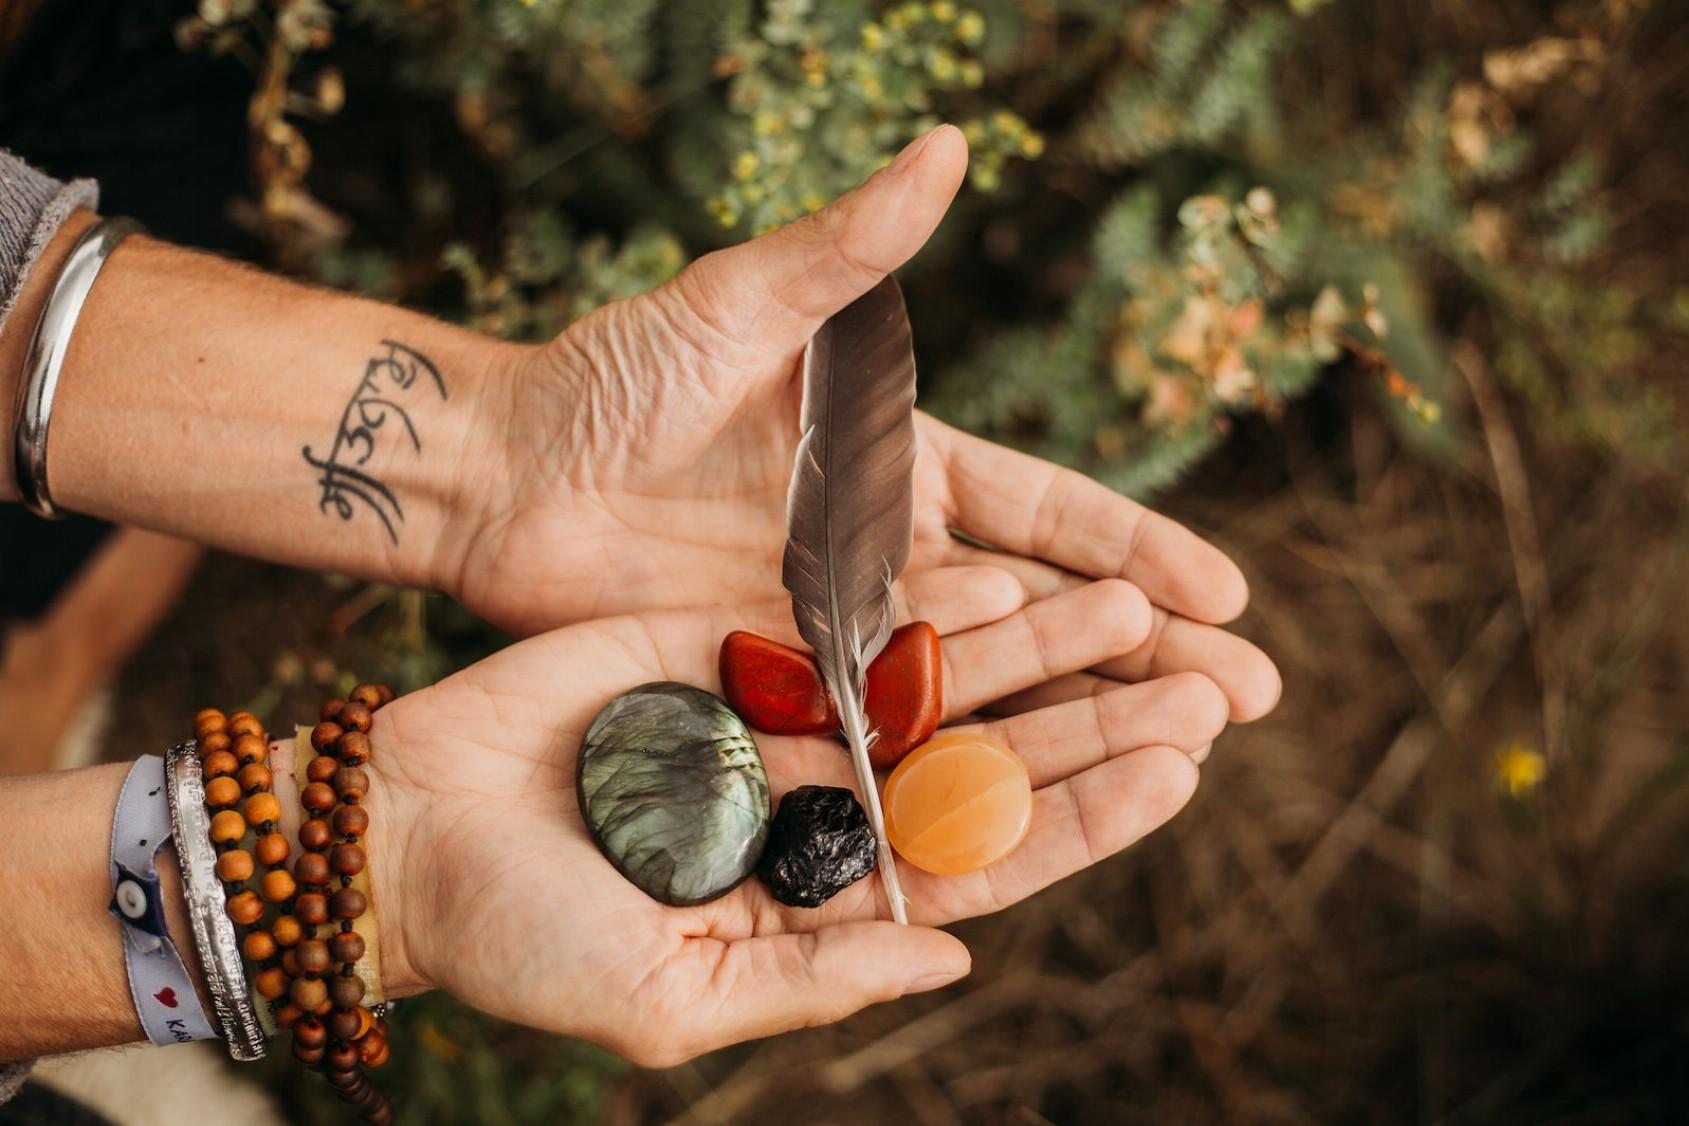 Bliss Open Space: ruimte en community voor bewustzijn en persoonlijke ontwikkeling